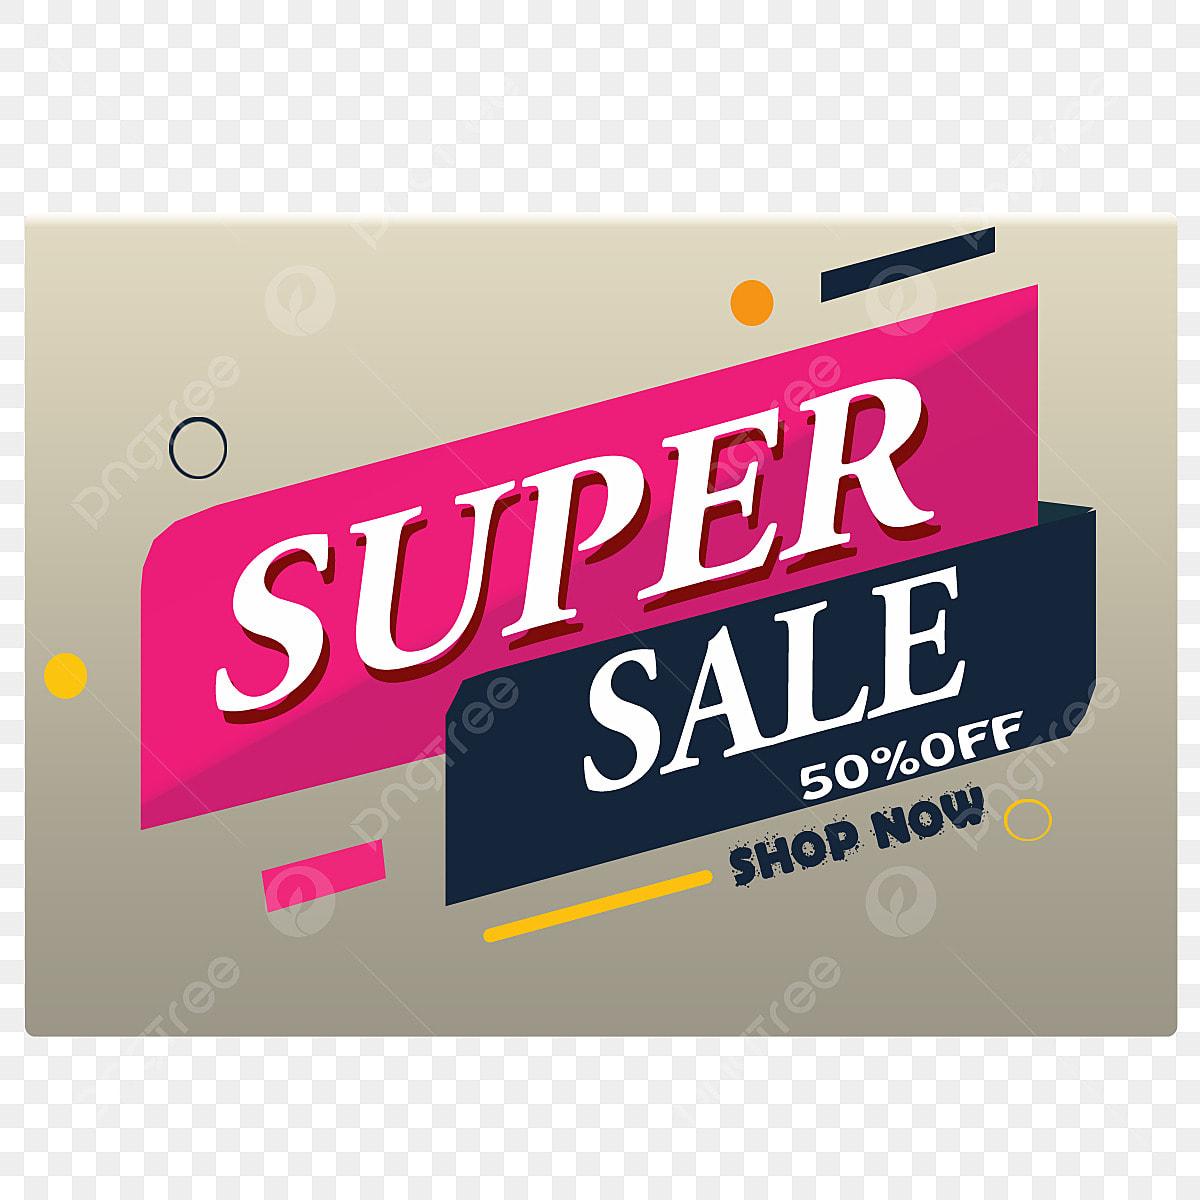 Templat Spanduk Promosi Penjualan Super Spanduk Bisnis Penjualan Png Transparan Gambar Clipart Dan File Psd Untuk Unduh Gratis